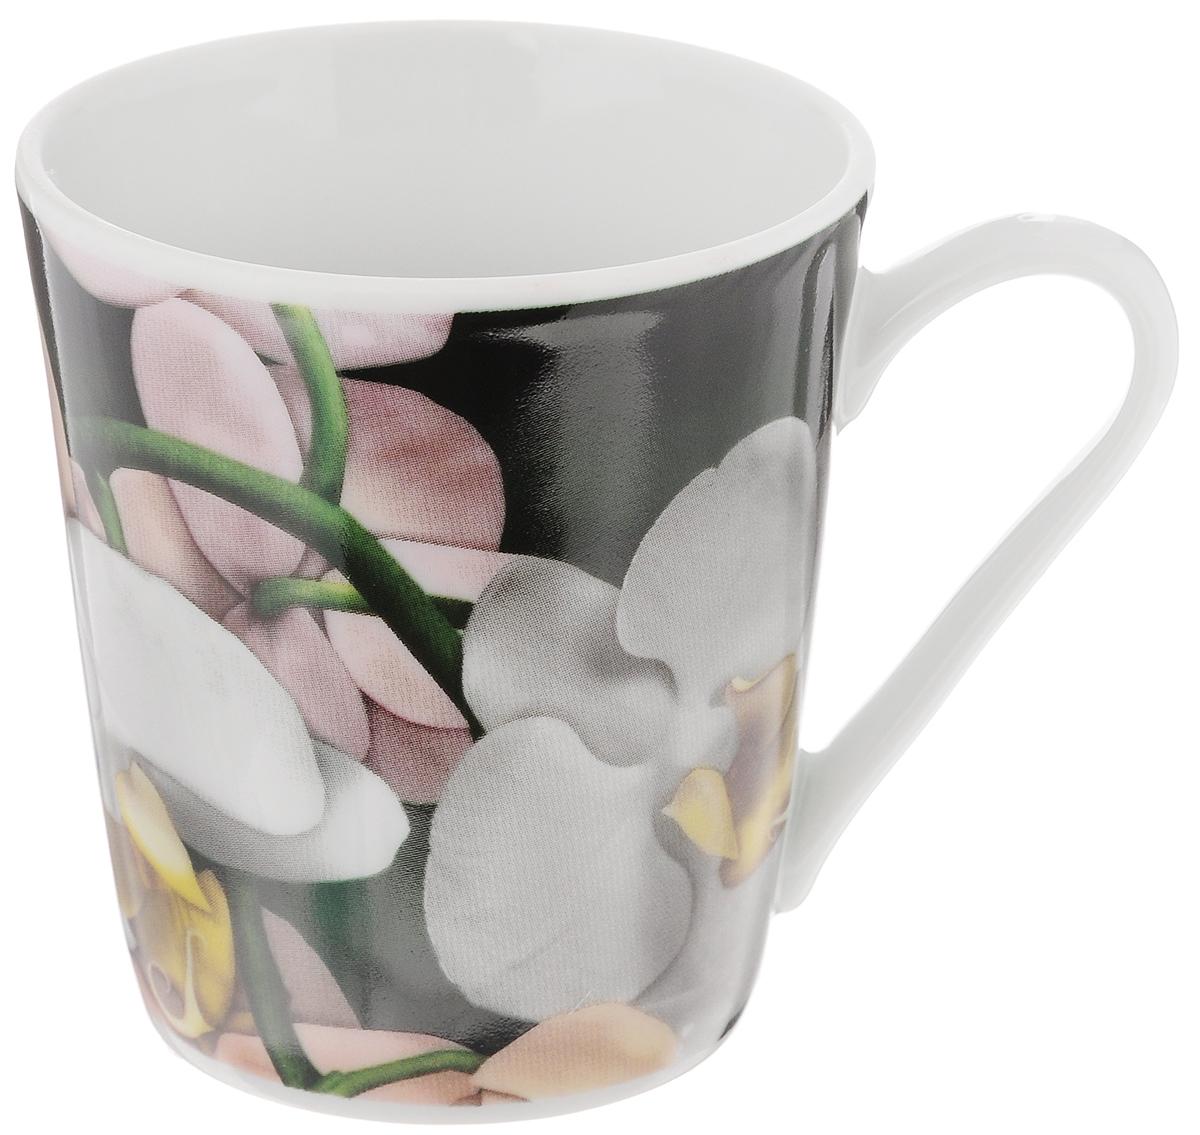 Кружка Классик. Орхидея, цвет: зеленый, серый, 300 мл68/5/4Кружка Классик. Орхидея изготовлена из высококачественного фарфора. Изделие оформлено красочным цветочным рисунком и покрыто превосходной глазурью. Изысканная кружка прекрасно оформит стол к чаепитию и станет его неизменным атрибутом.Диаметр кружки (по верхнему краю): 8,5 см.Высота стенок: 9,5 см.